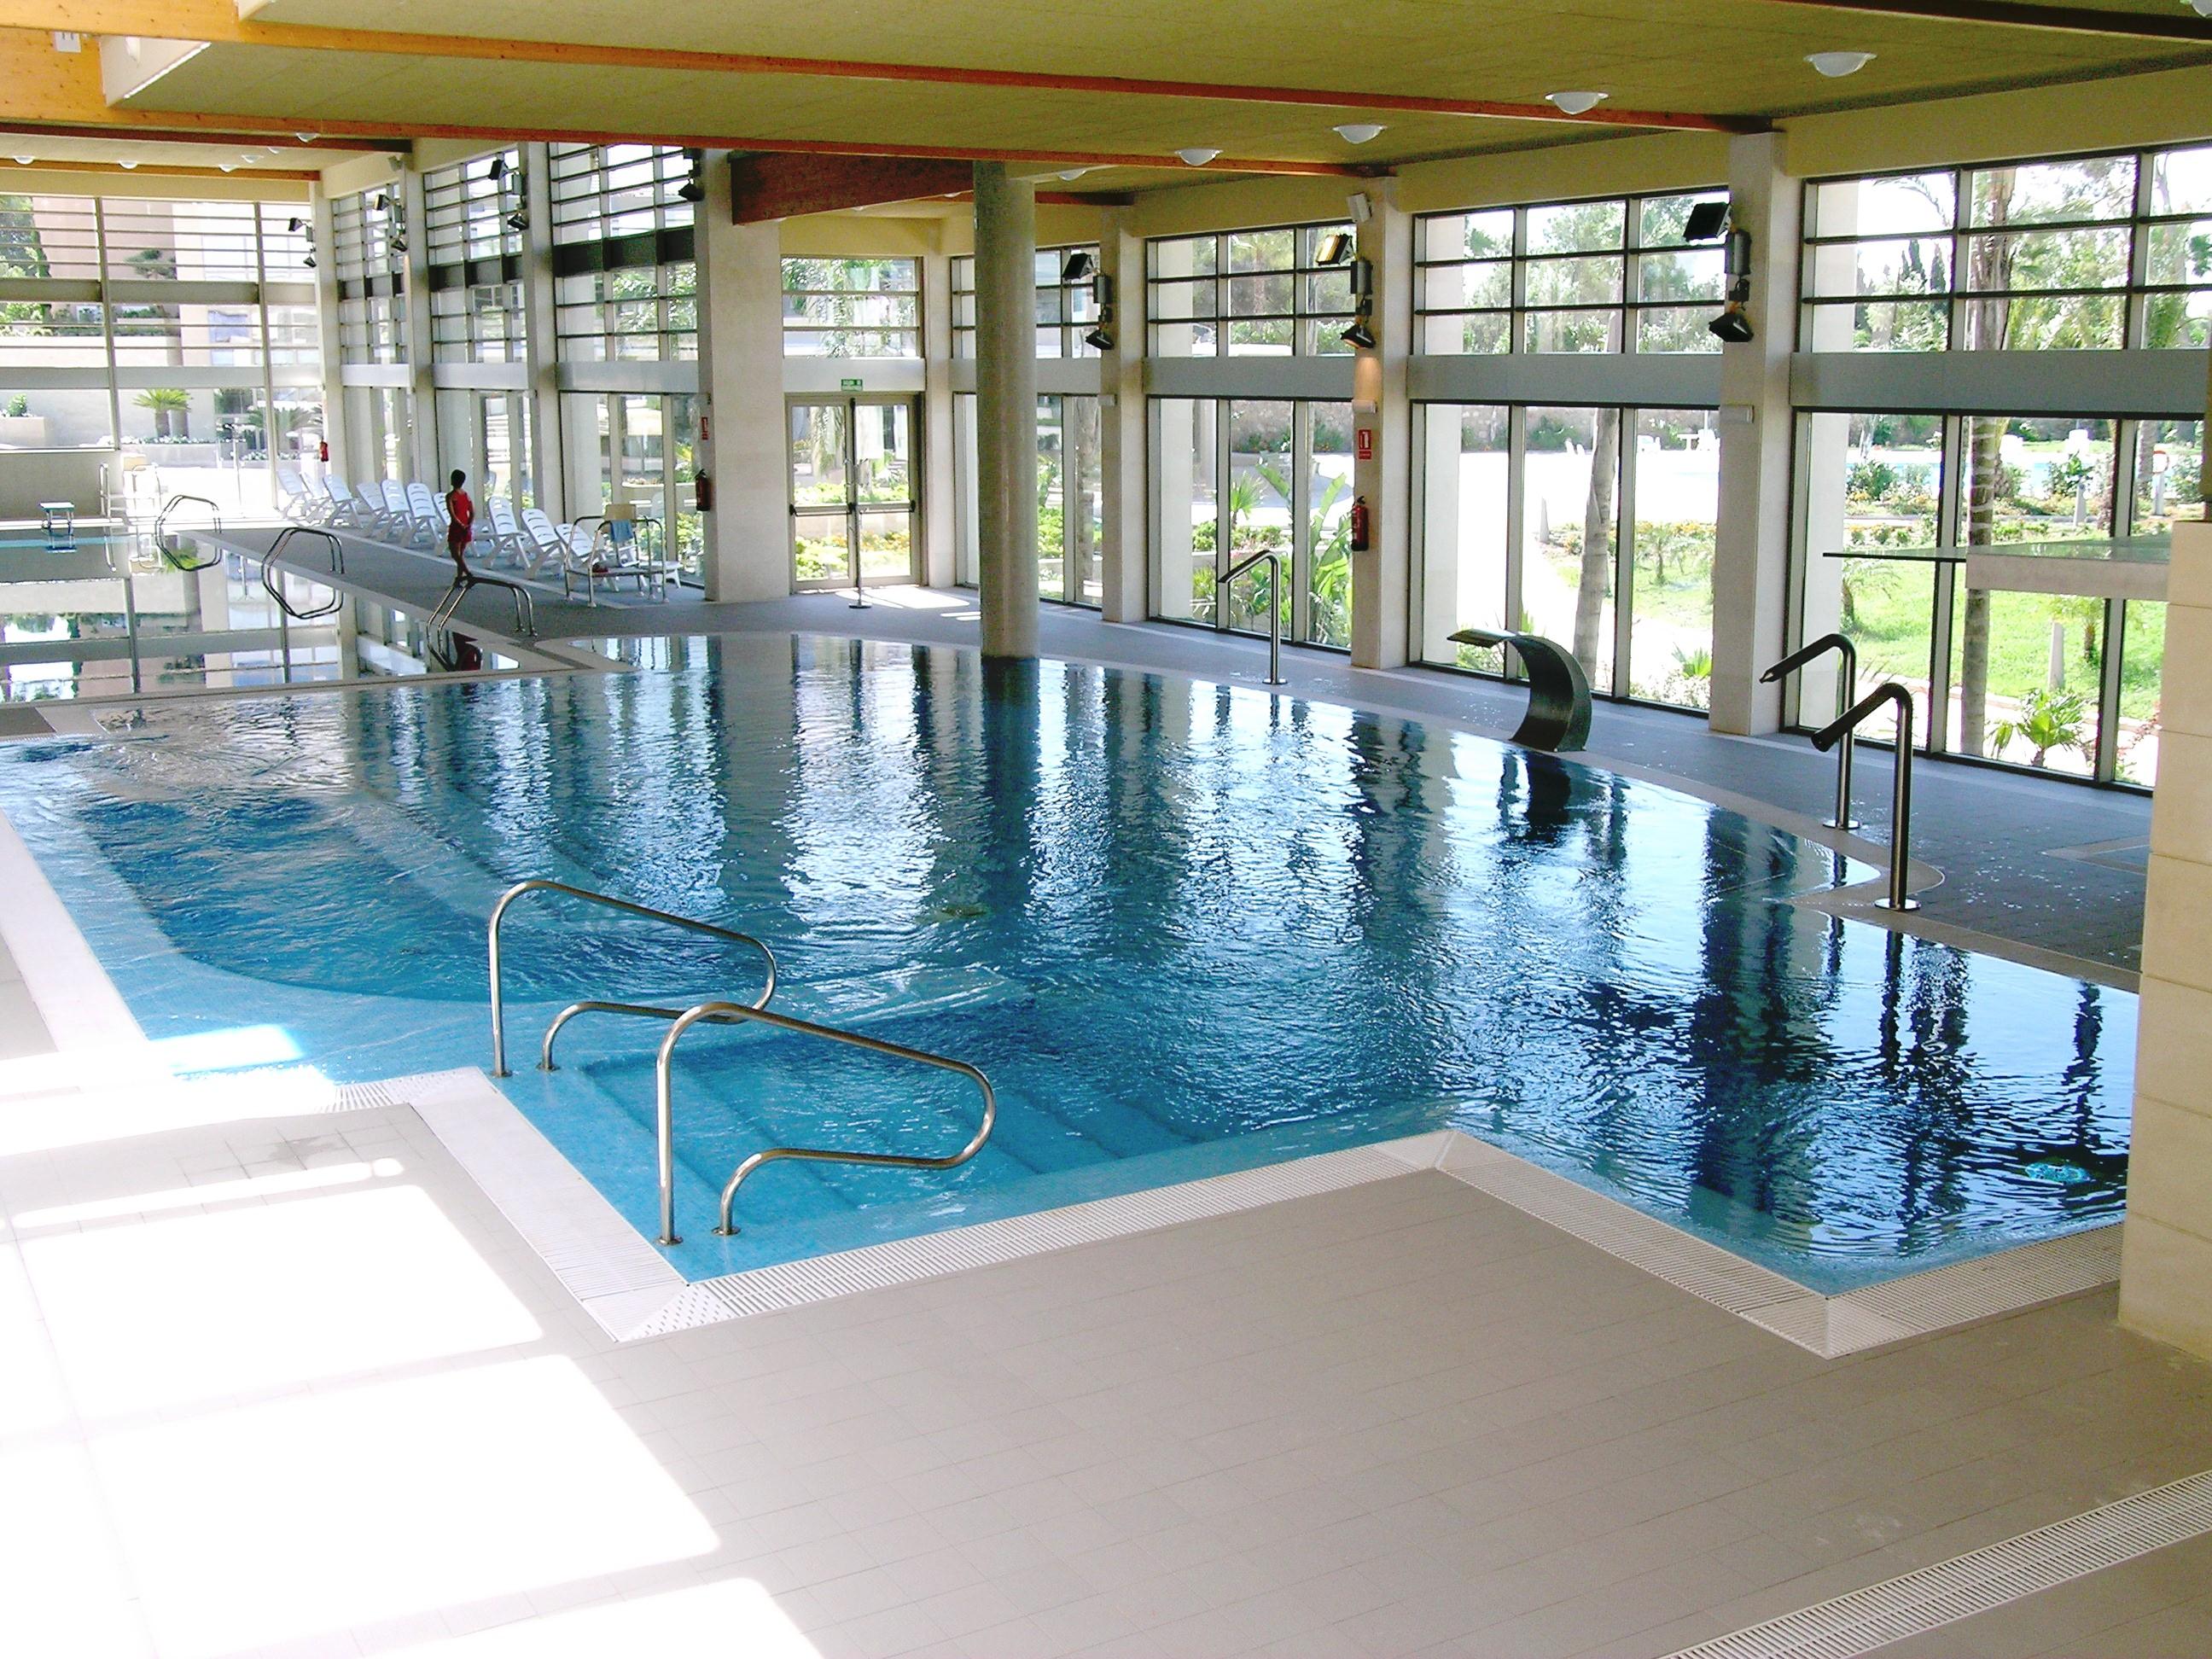 Piscinas construcci n de piscinas y spas piscinas pool - Piscinas y spas ...